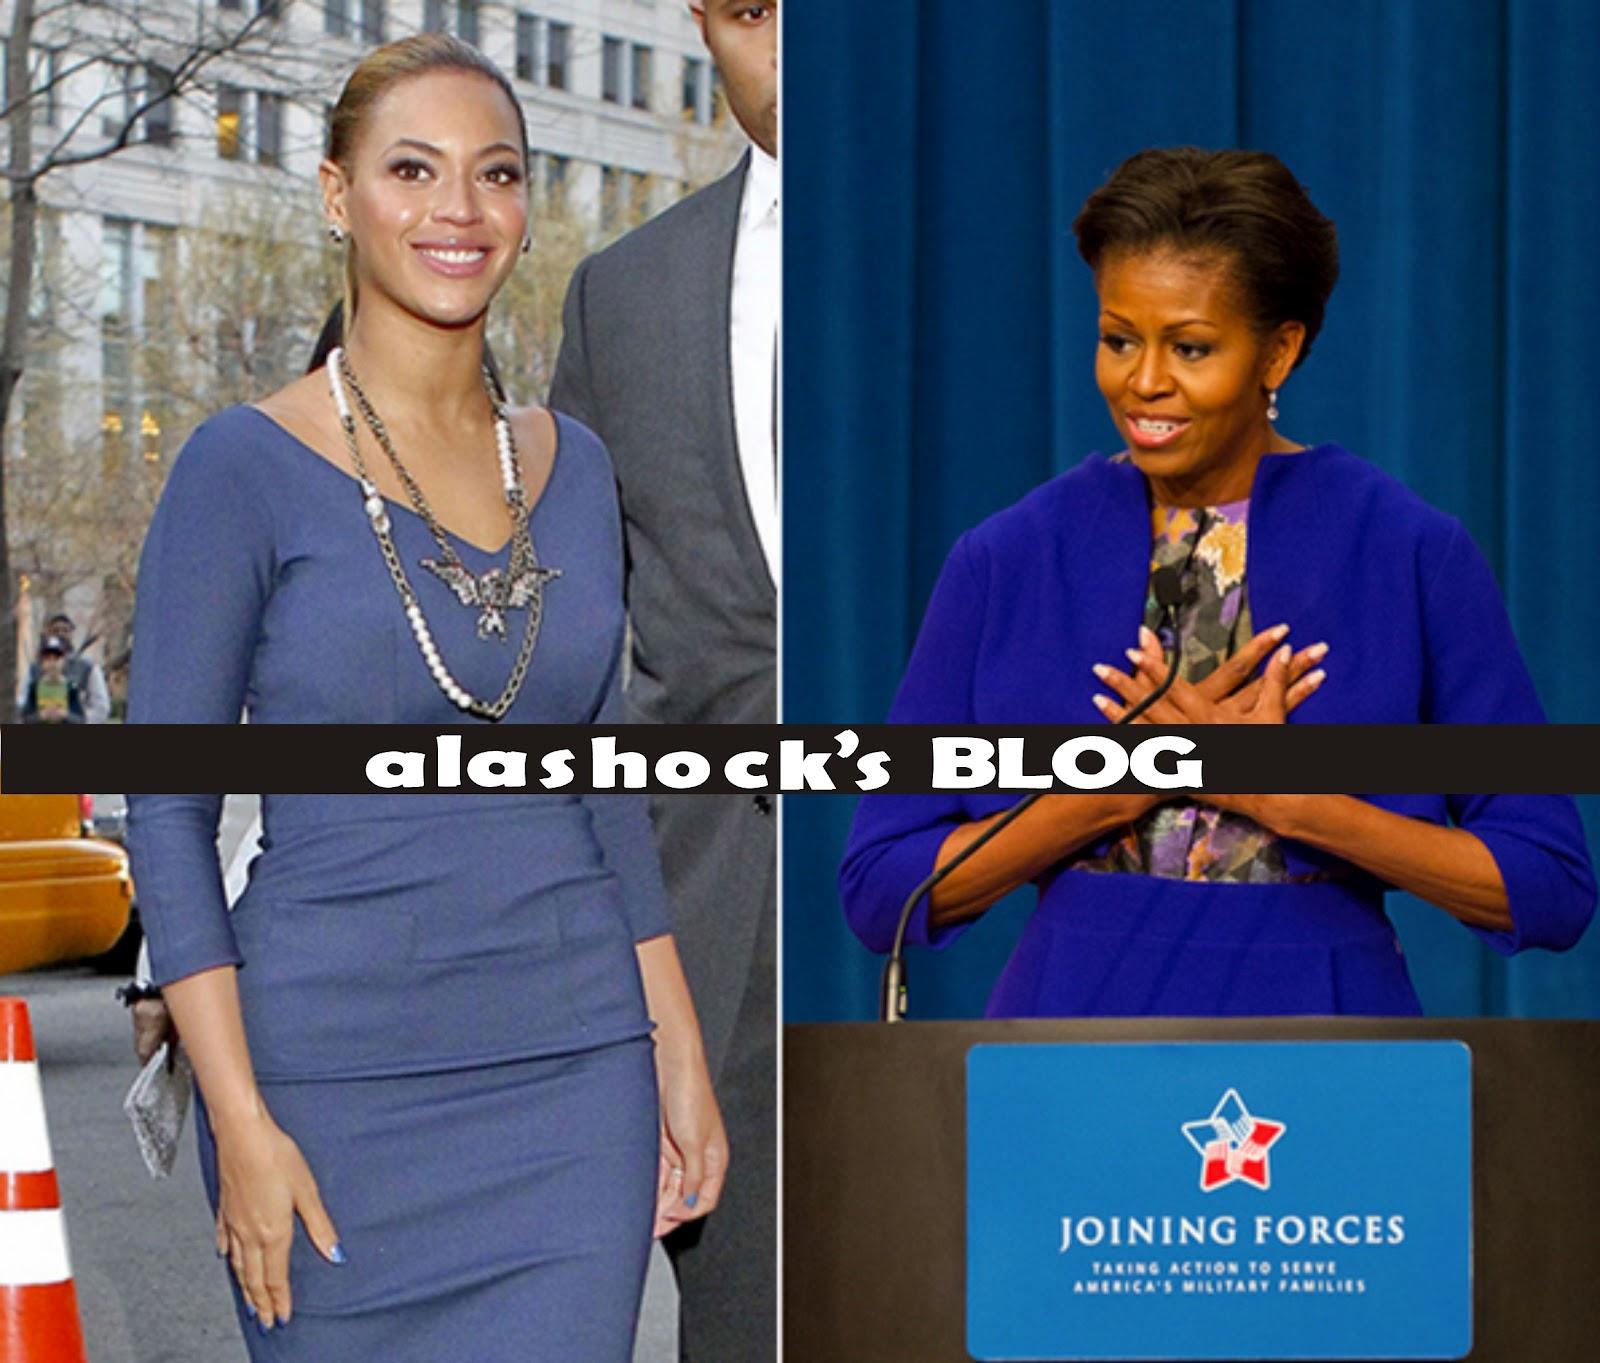 http://4.bp.blogspot.com/-VAKy7E4NAas/T4Zx0D4ubaI/AAAAAAAAM3A/vQyACqqi_KE/s1600/Bey1.jpg